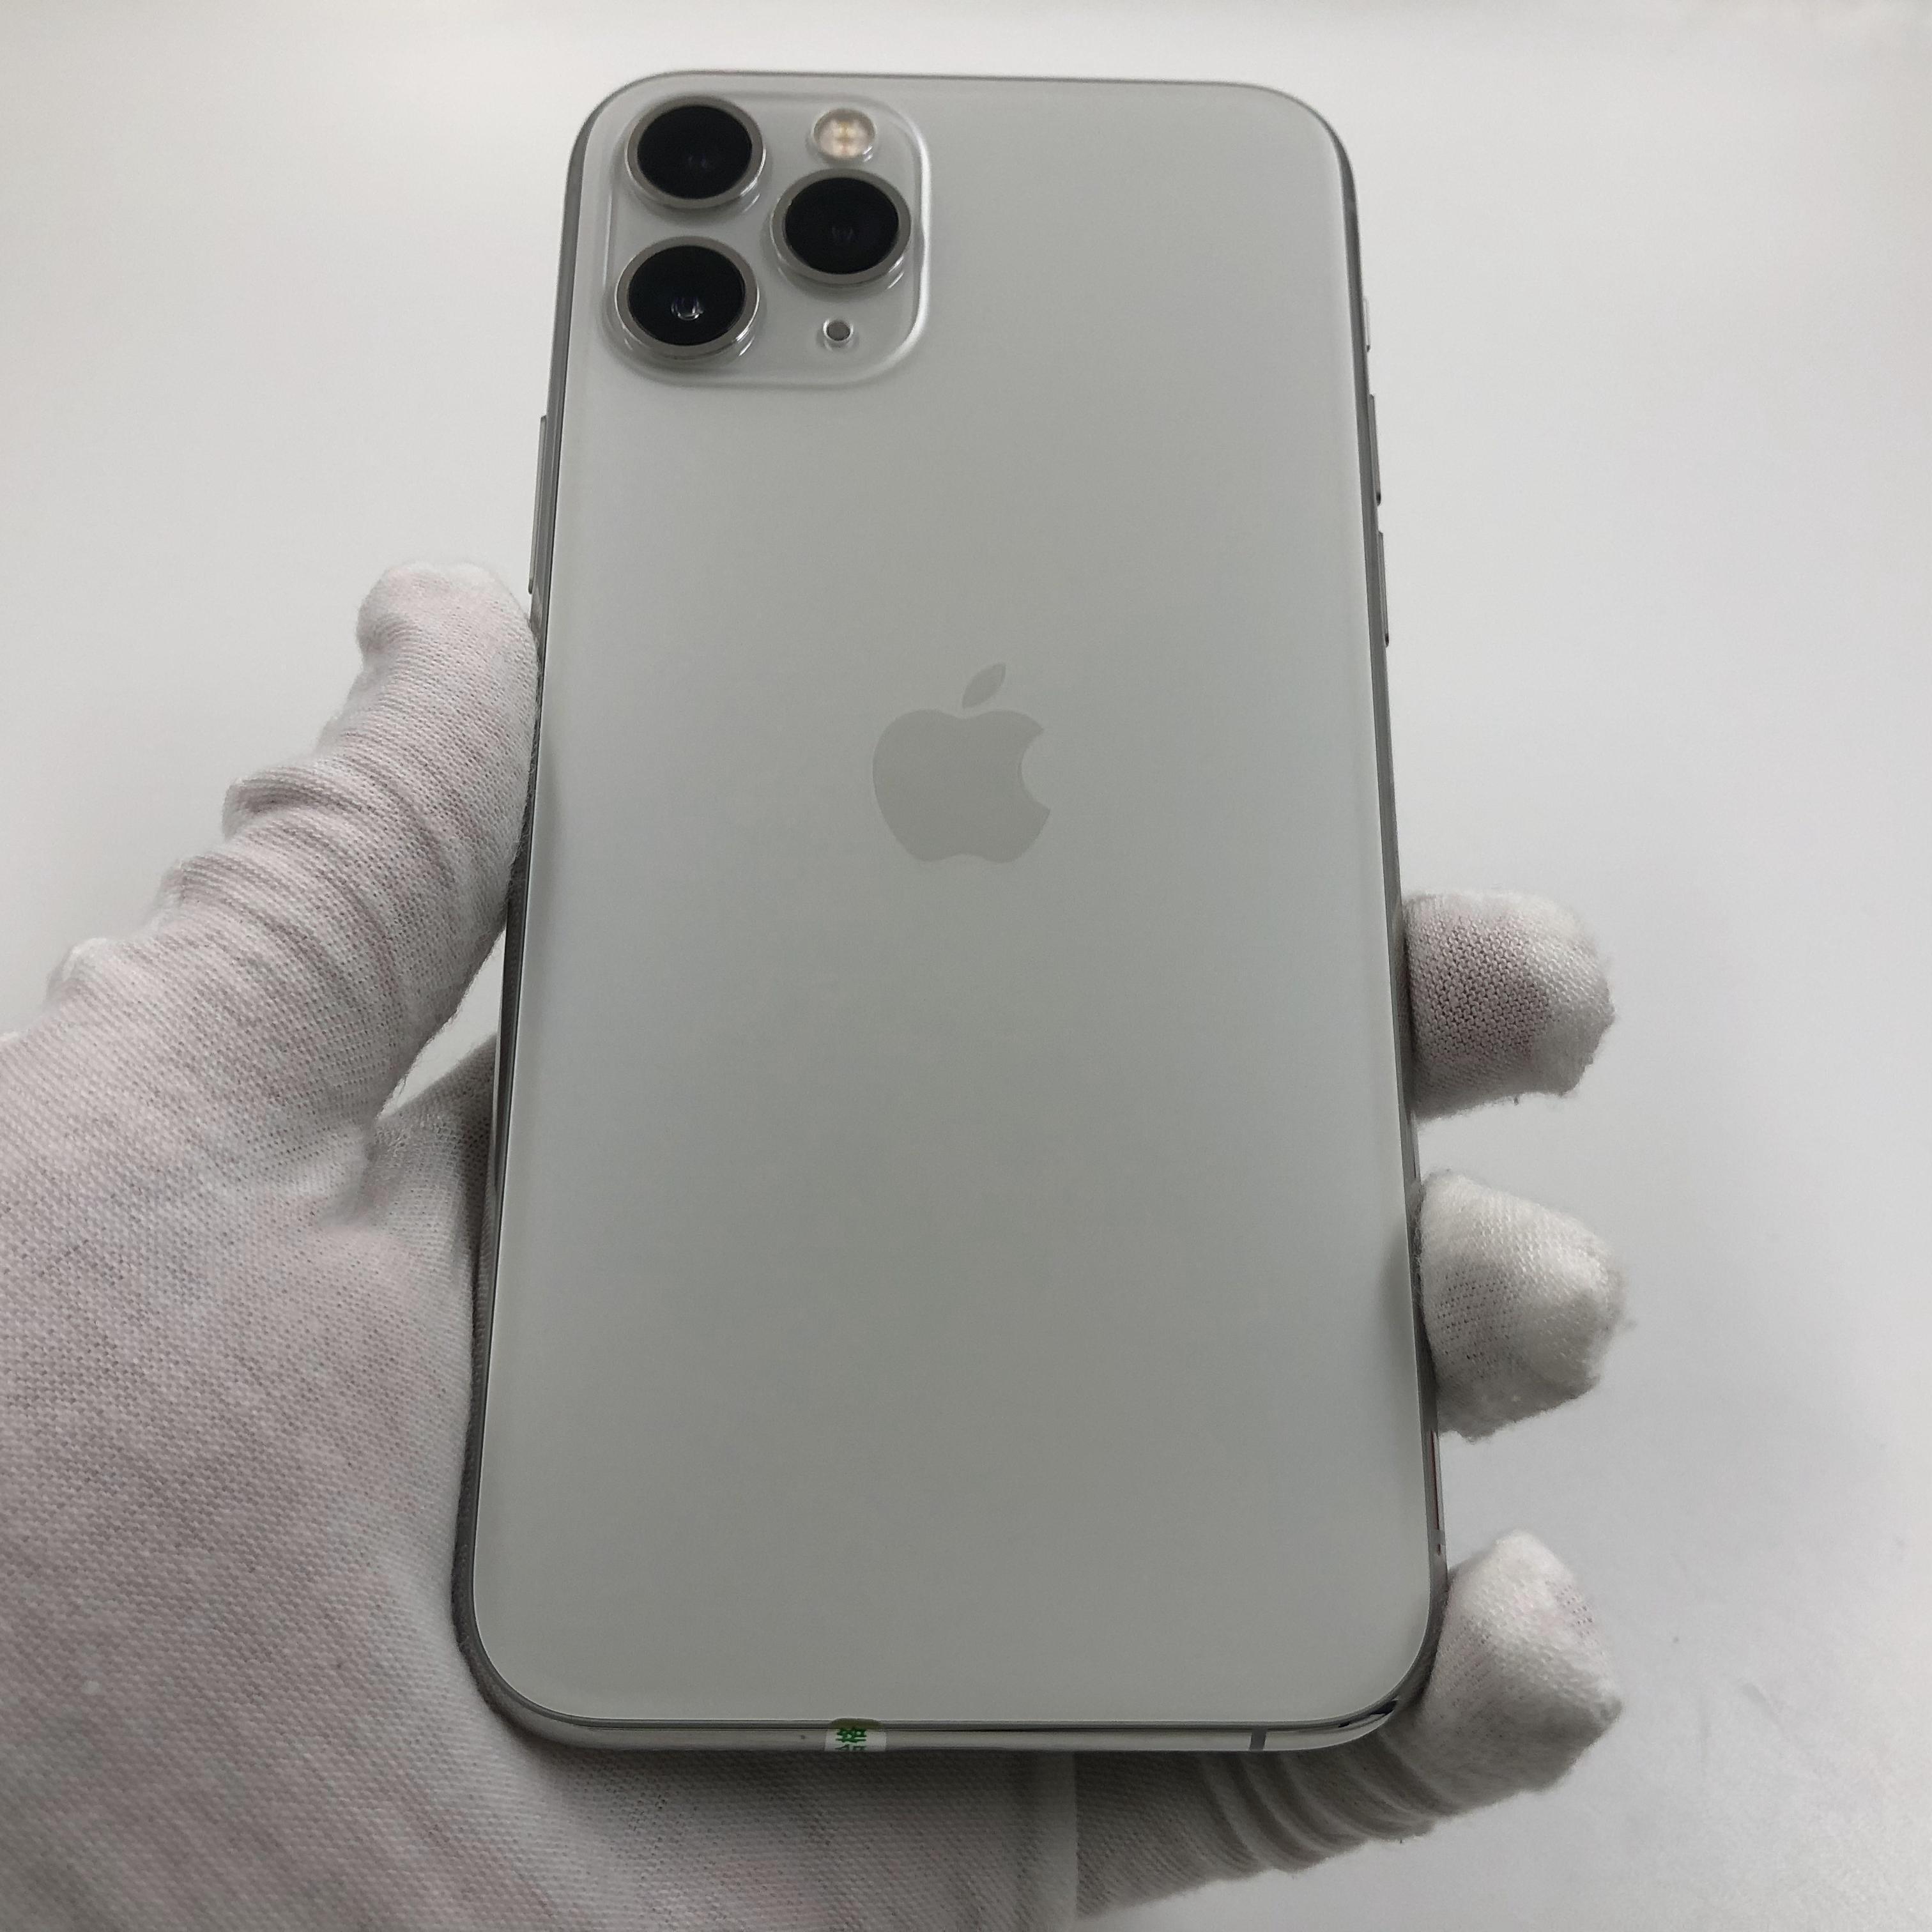 苹果【iPhone 11 Pro】4G全网通 银色 64G 国行 8成新 真机实拍